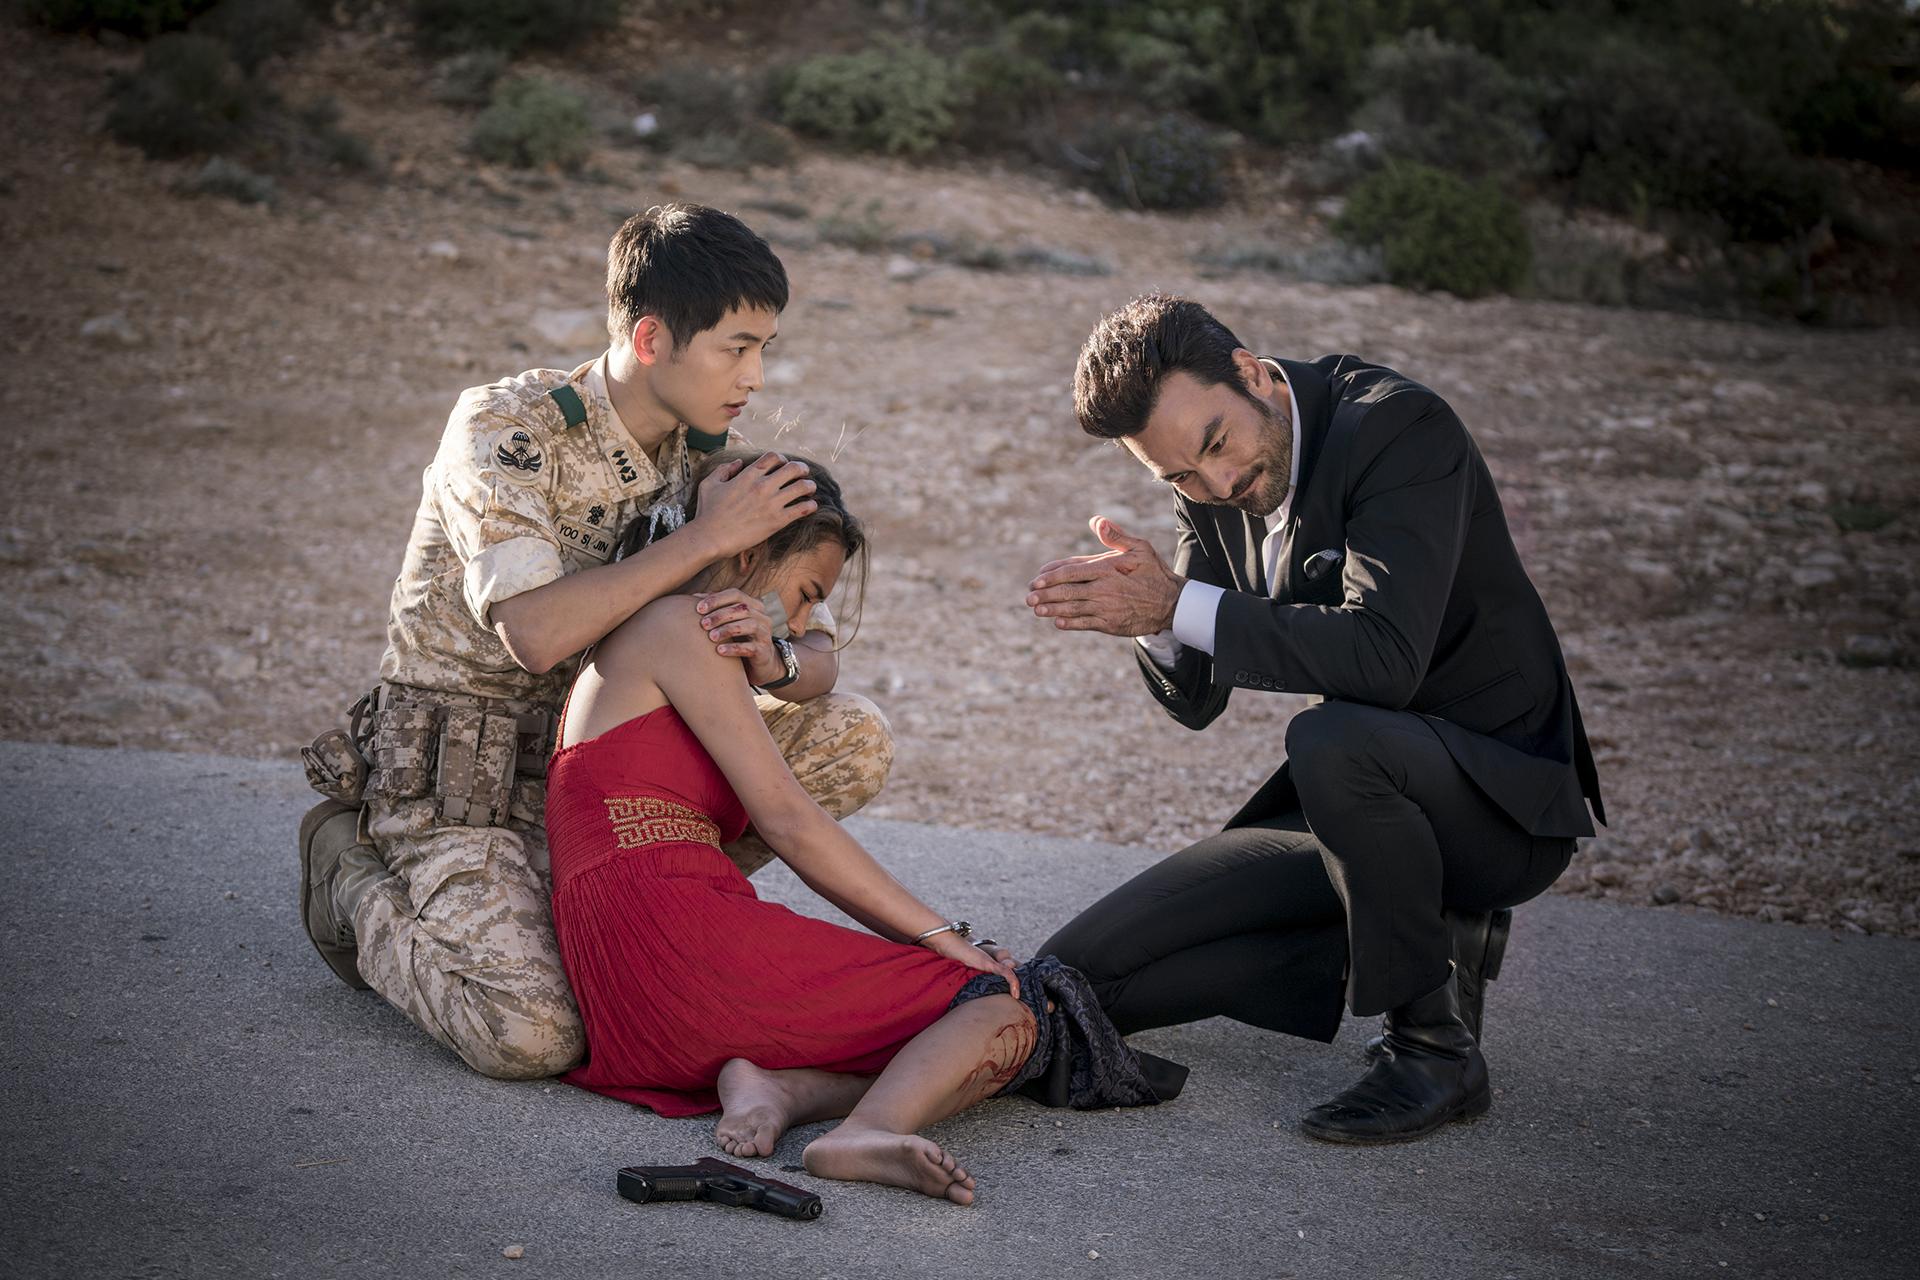 Sao Tây nhí được Song Joong Ki bảo vệ ở Hậu Duệ Mặt Trời sau 5 năm: Sexy, cá tính đến ngỡ ngàng - Ảnh 2.